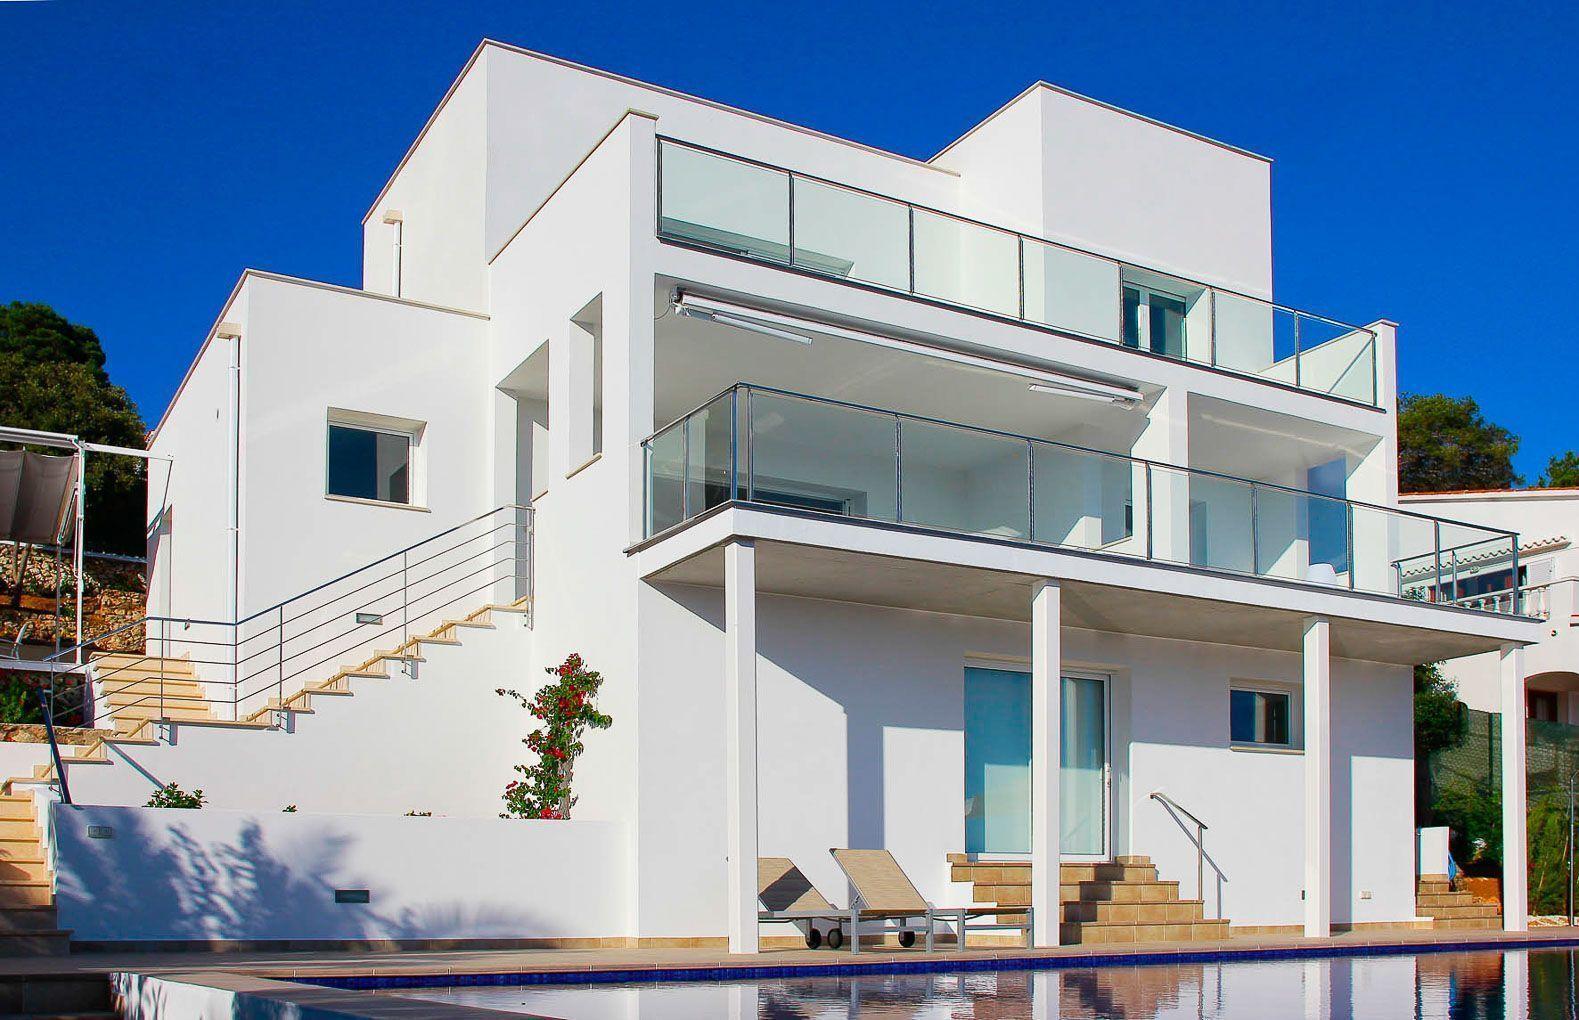 Premium alquilar villa de lujo en Menorca